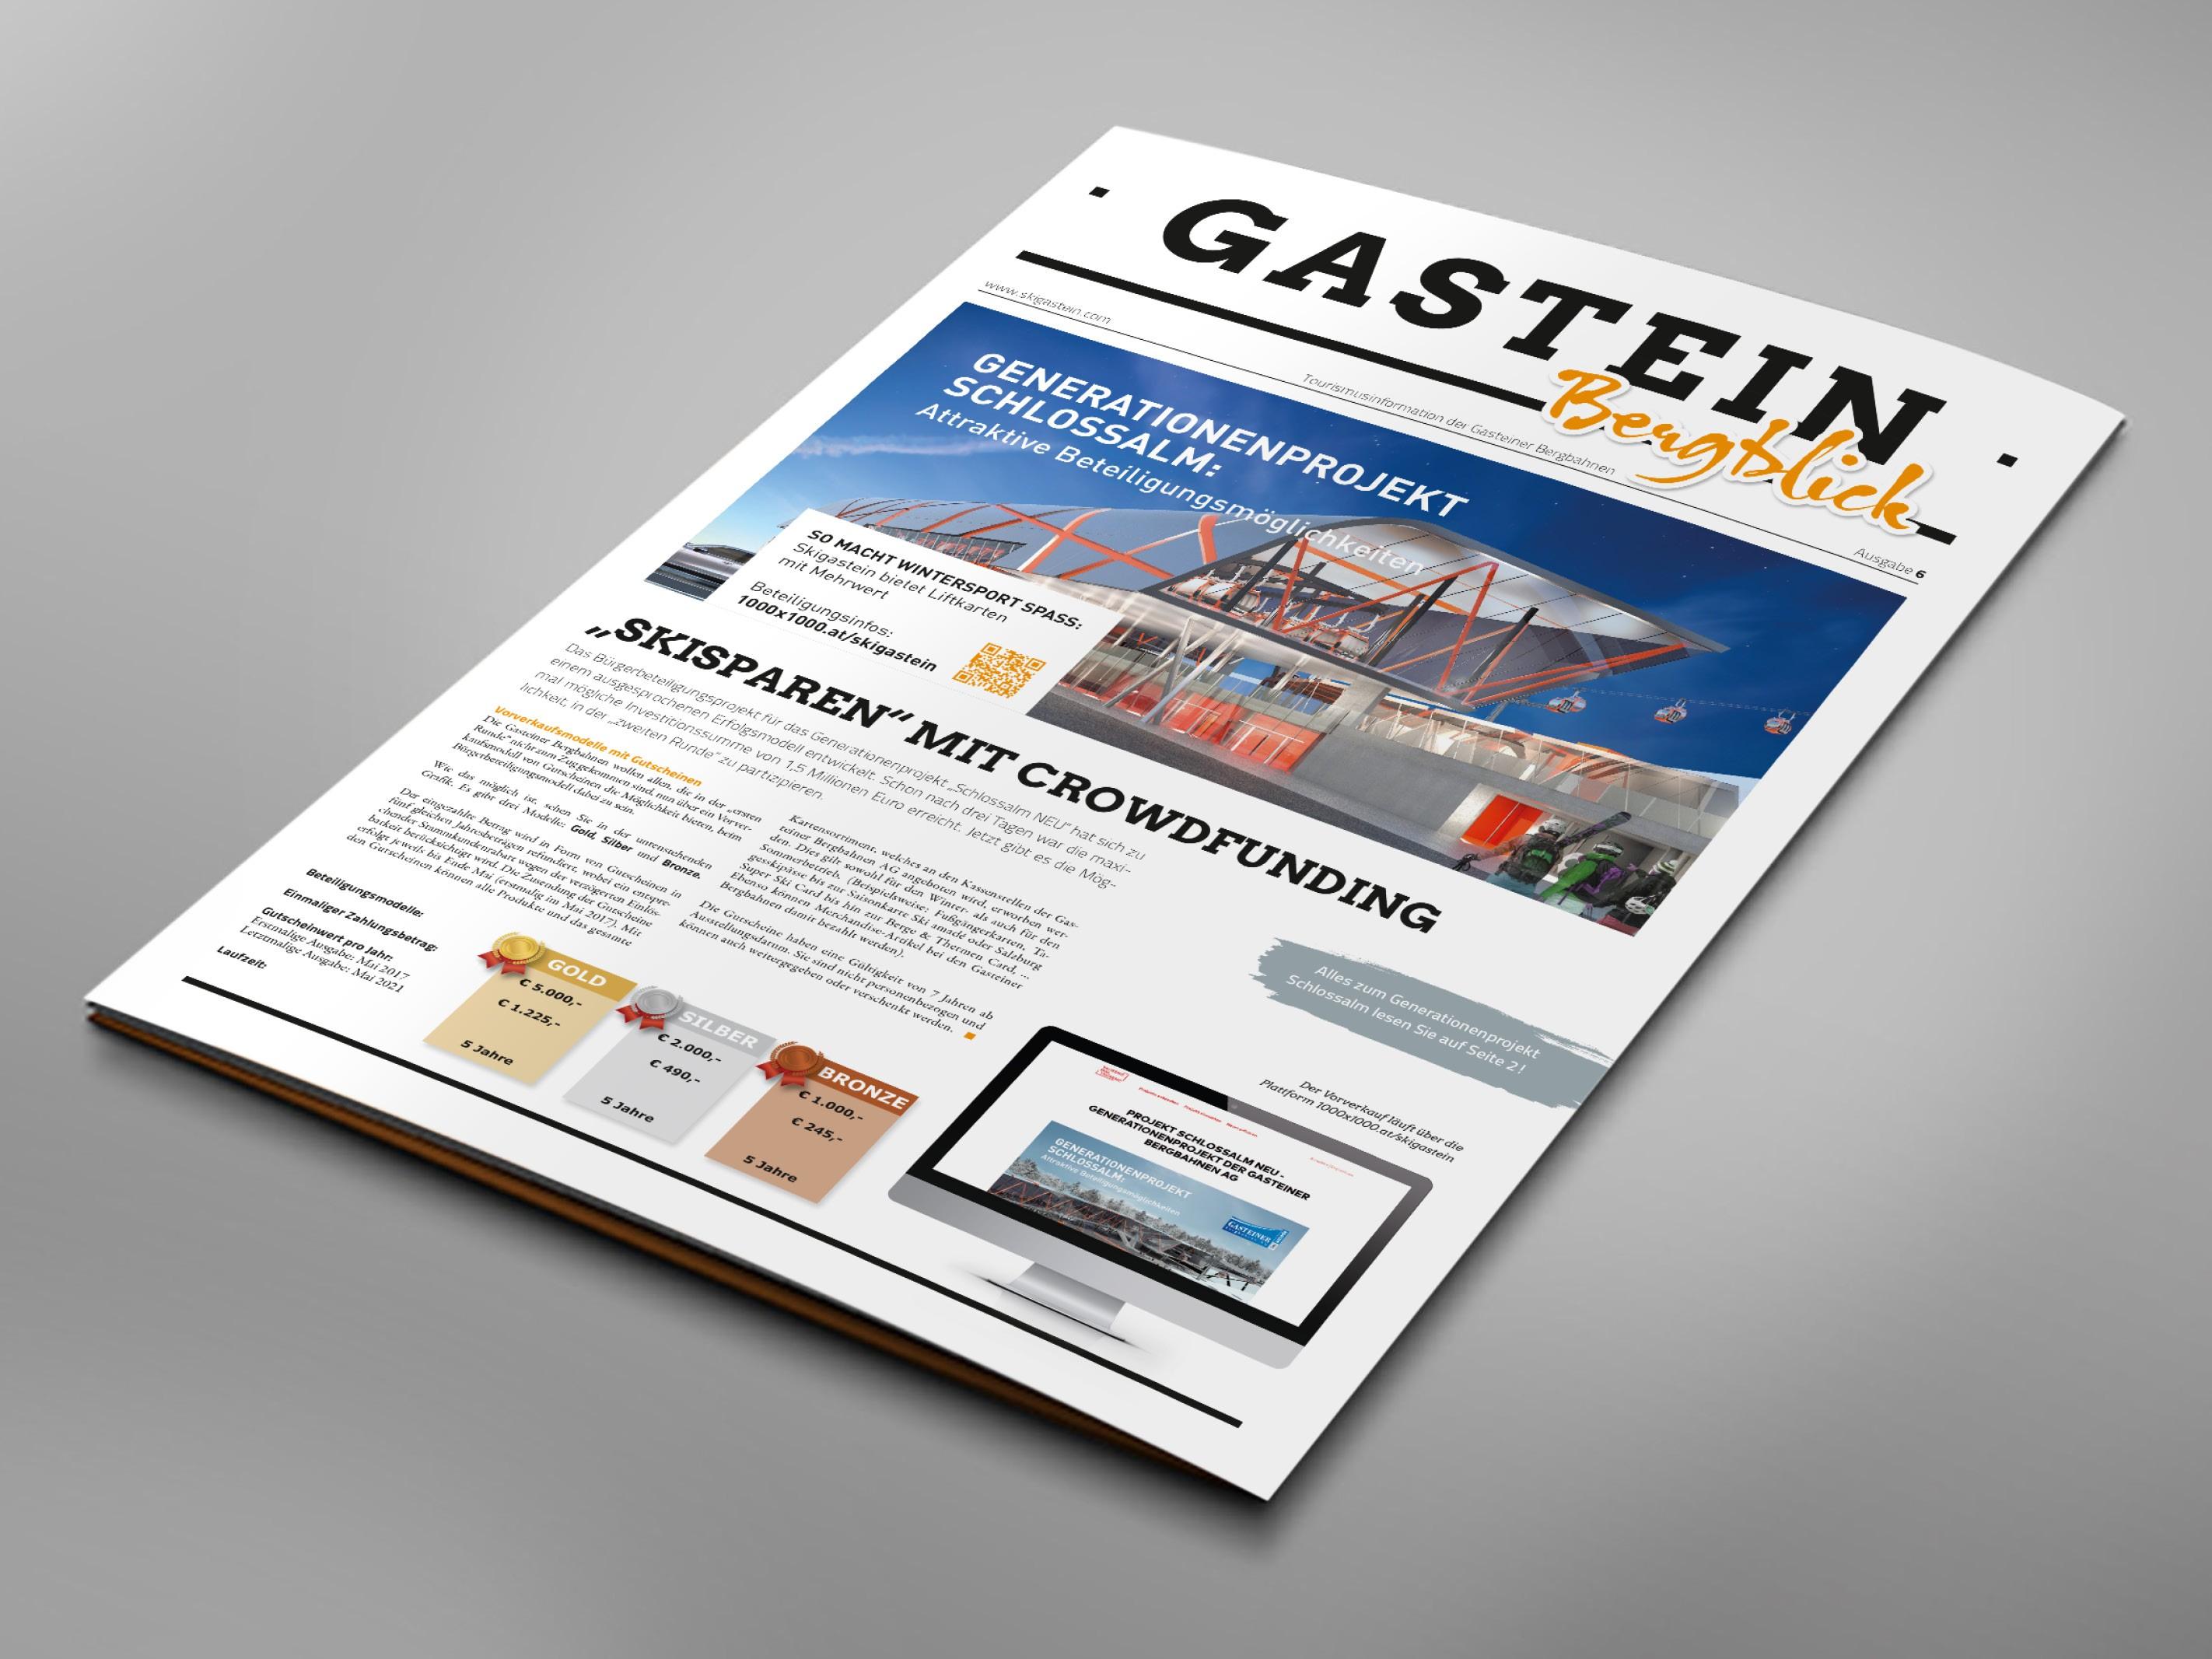 plenos_cases_gastein2